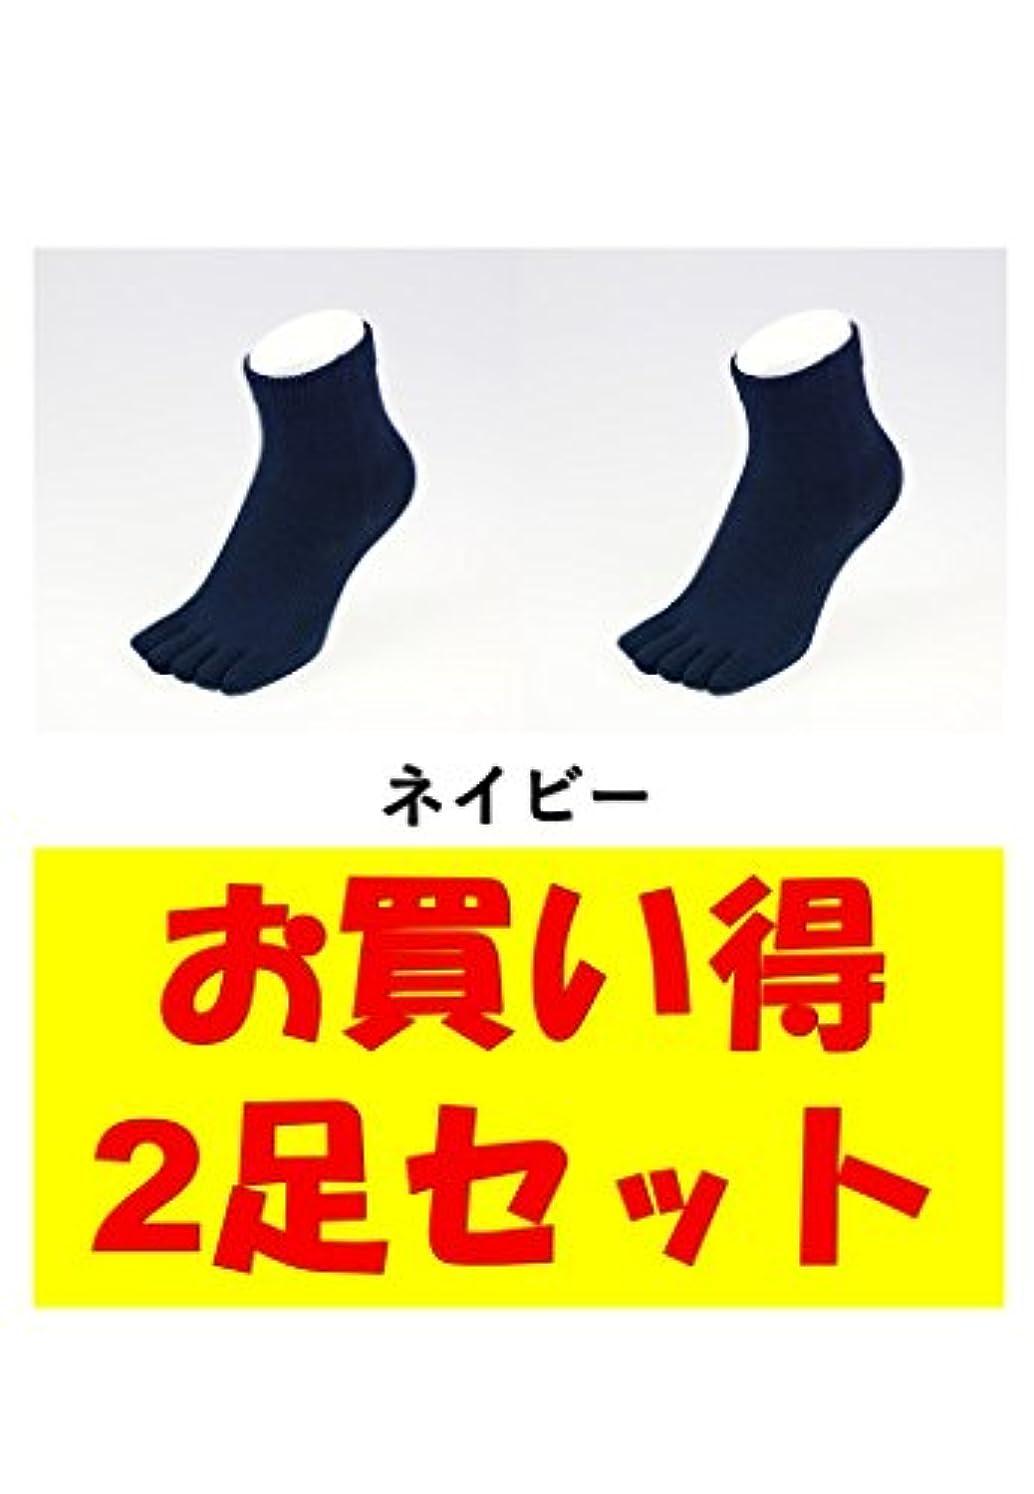 知覚できるたぶん怒るお買い得2足セット 5本指 ゆびのばソックス Neo EVE(イヴ) ネイビー Sサイズ(21.0cm - 24.0cm) YSNEVE-NVY